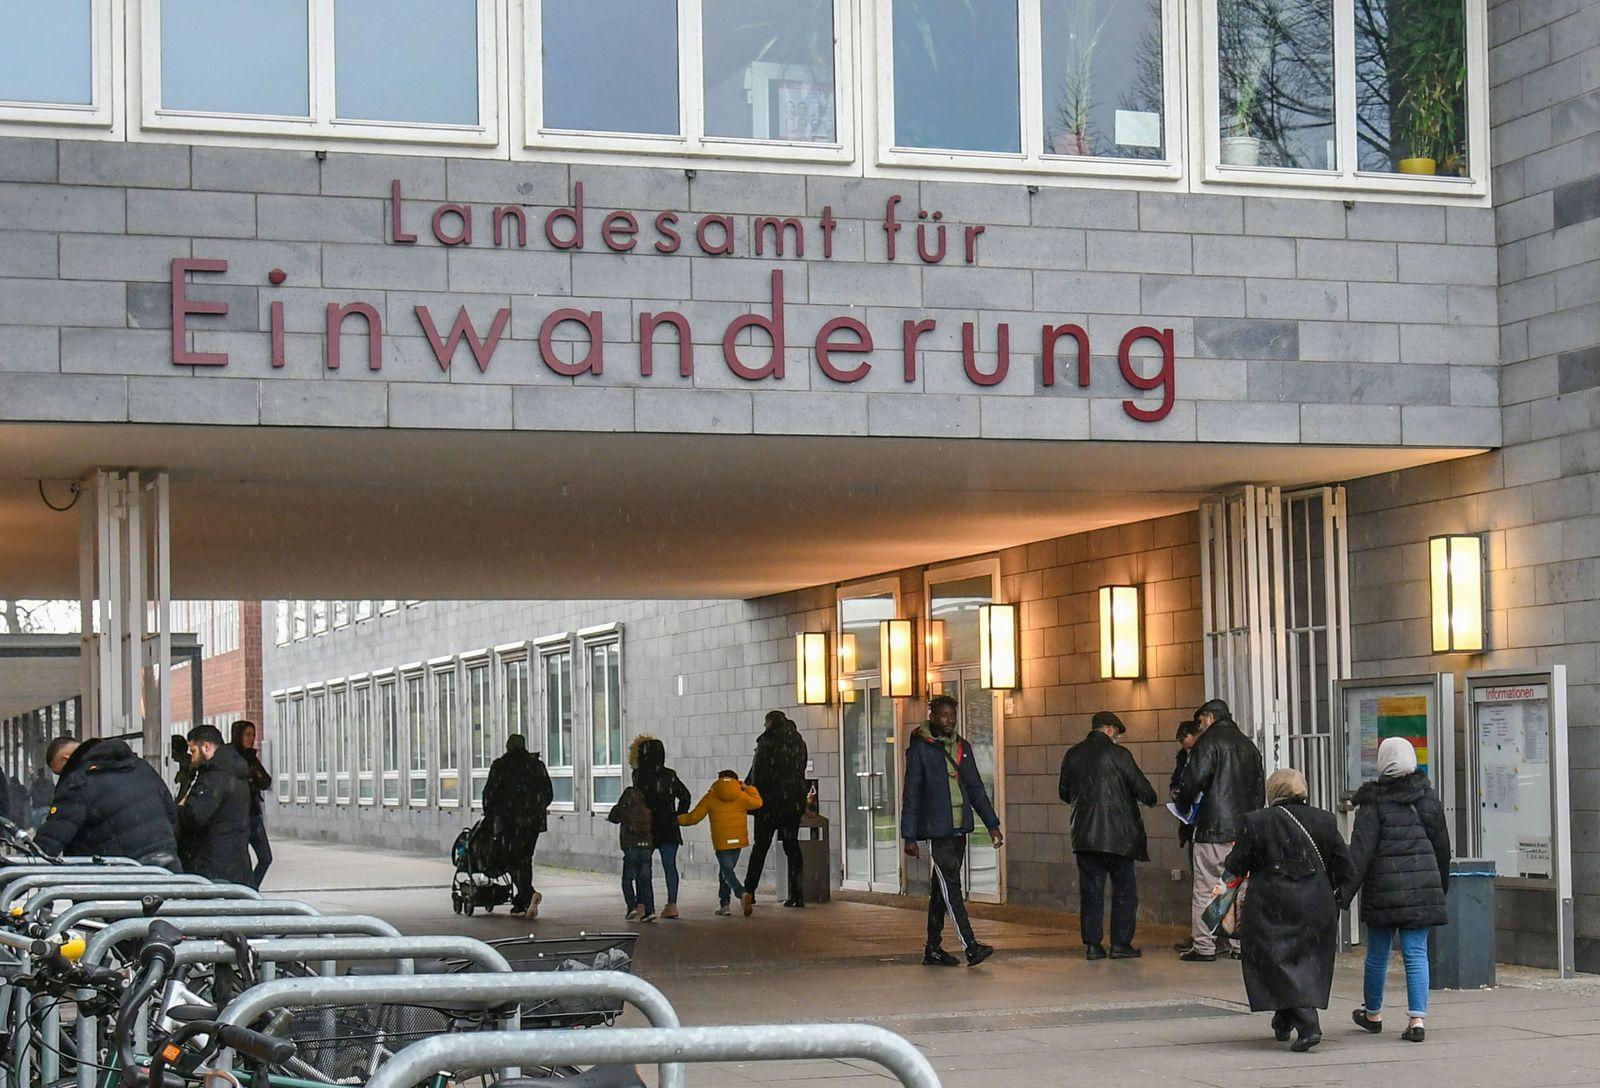 Landesamt fuer Einwanderung